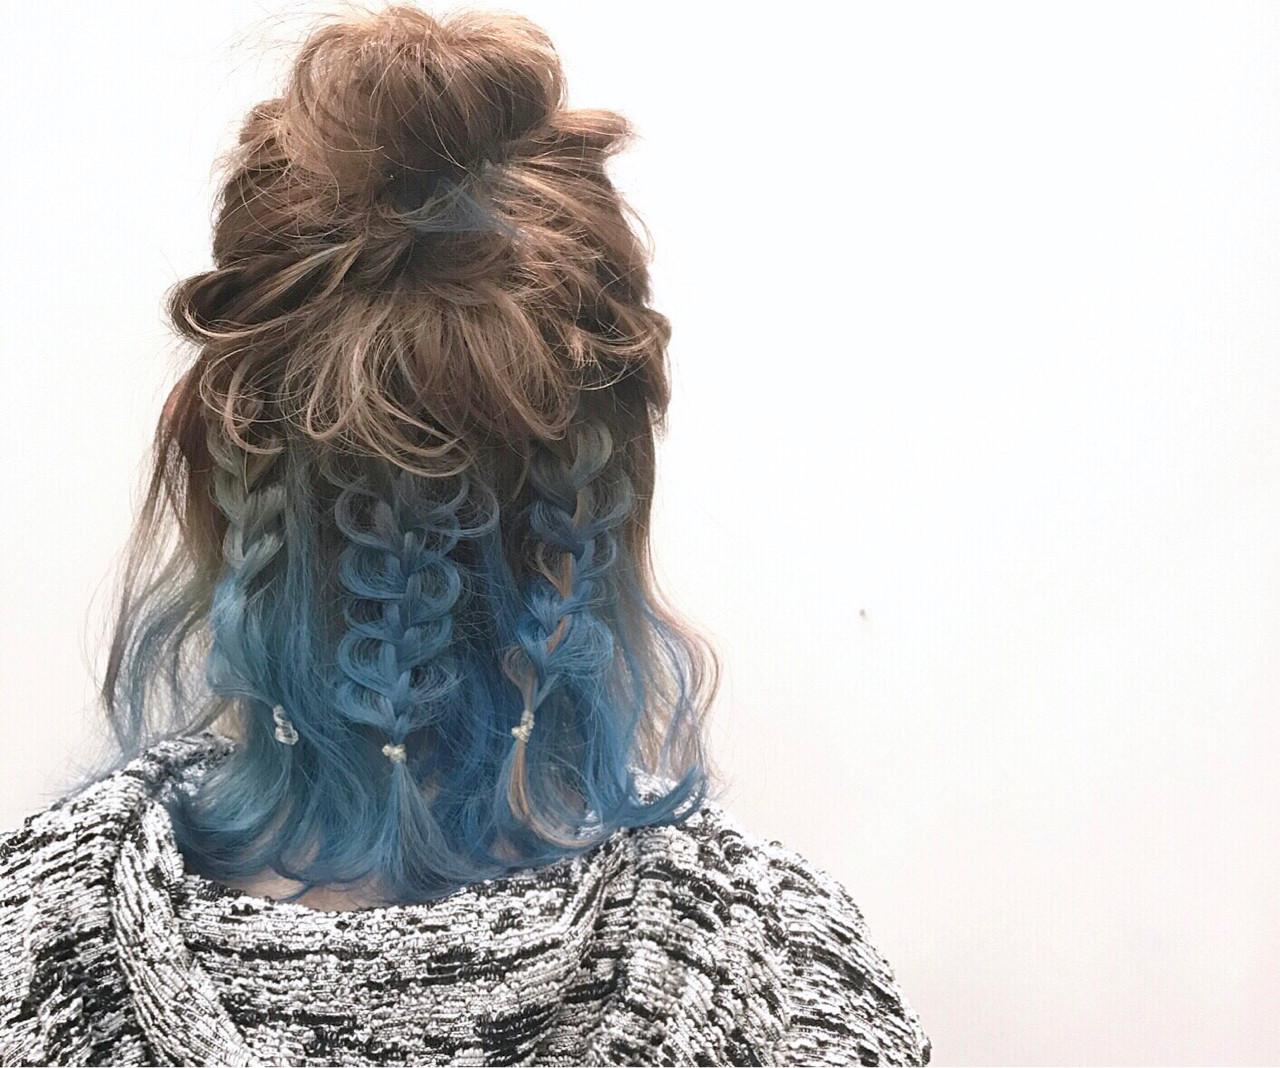 ハイライト ミディアム ブルー ヘアアレンジ ヘアスタイルや髪型の写真・画像 | Daichi shimazu / hairsalon M 大宮